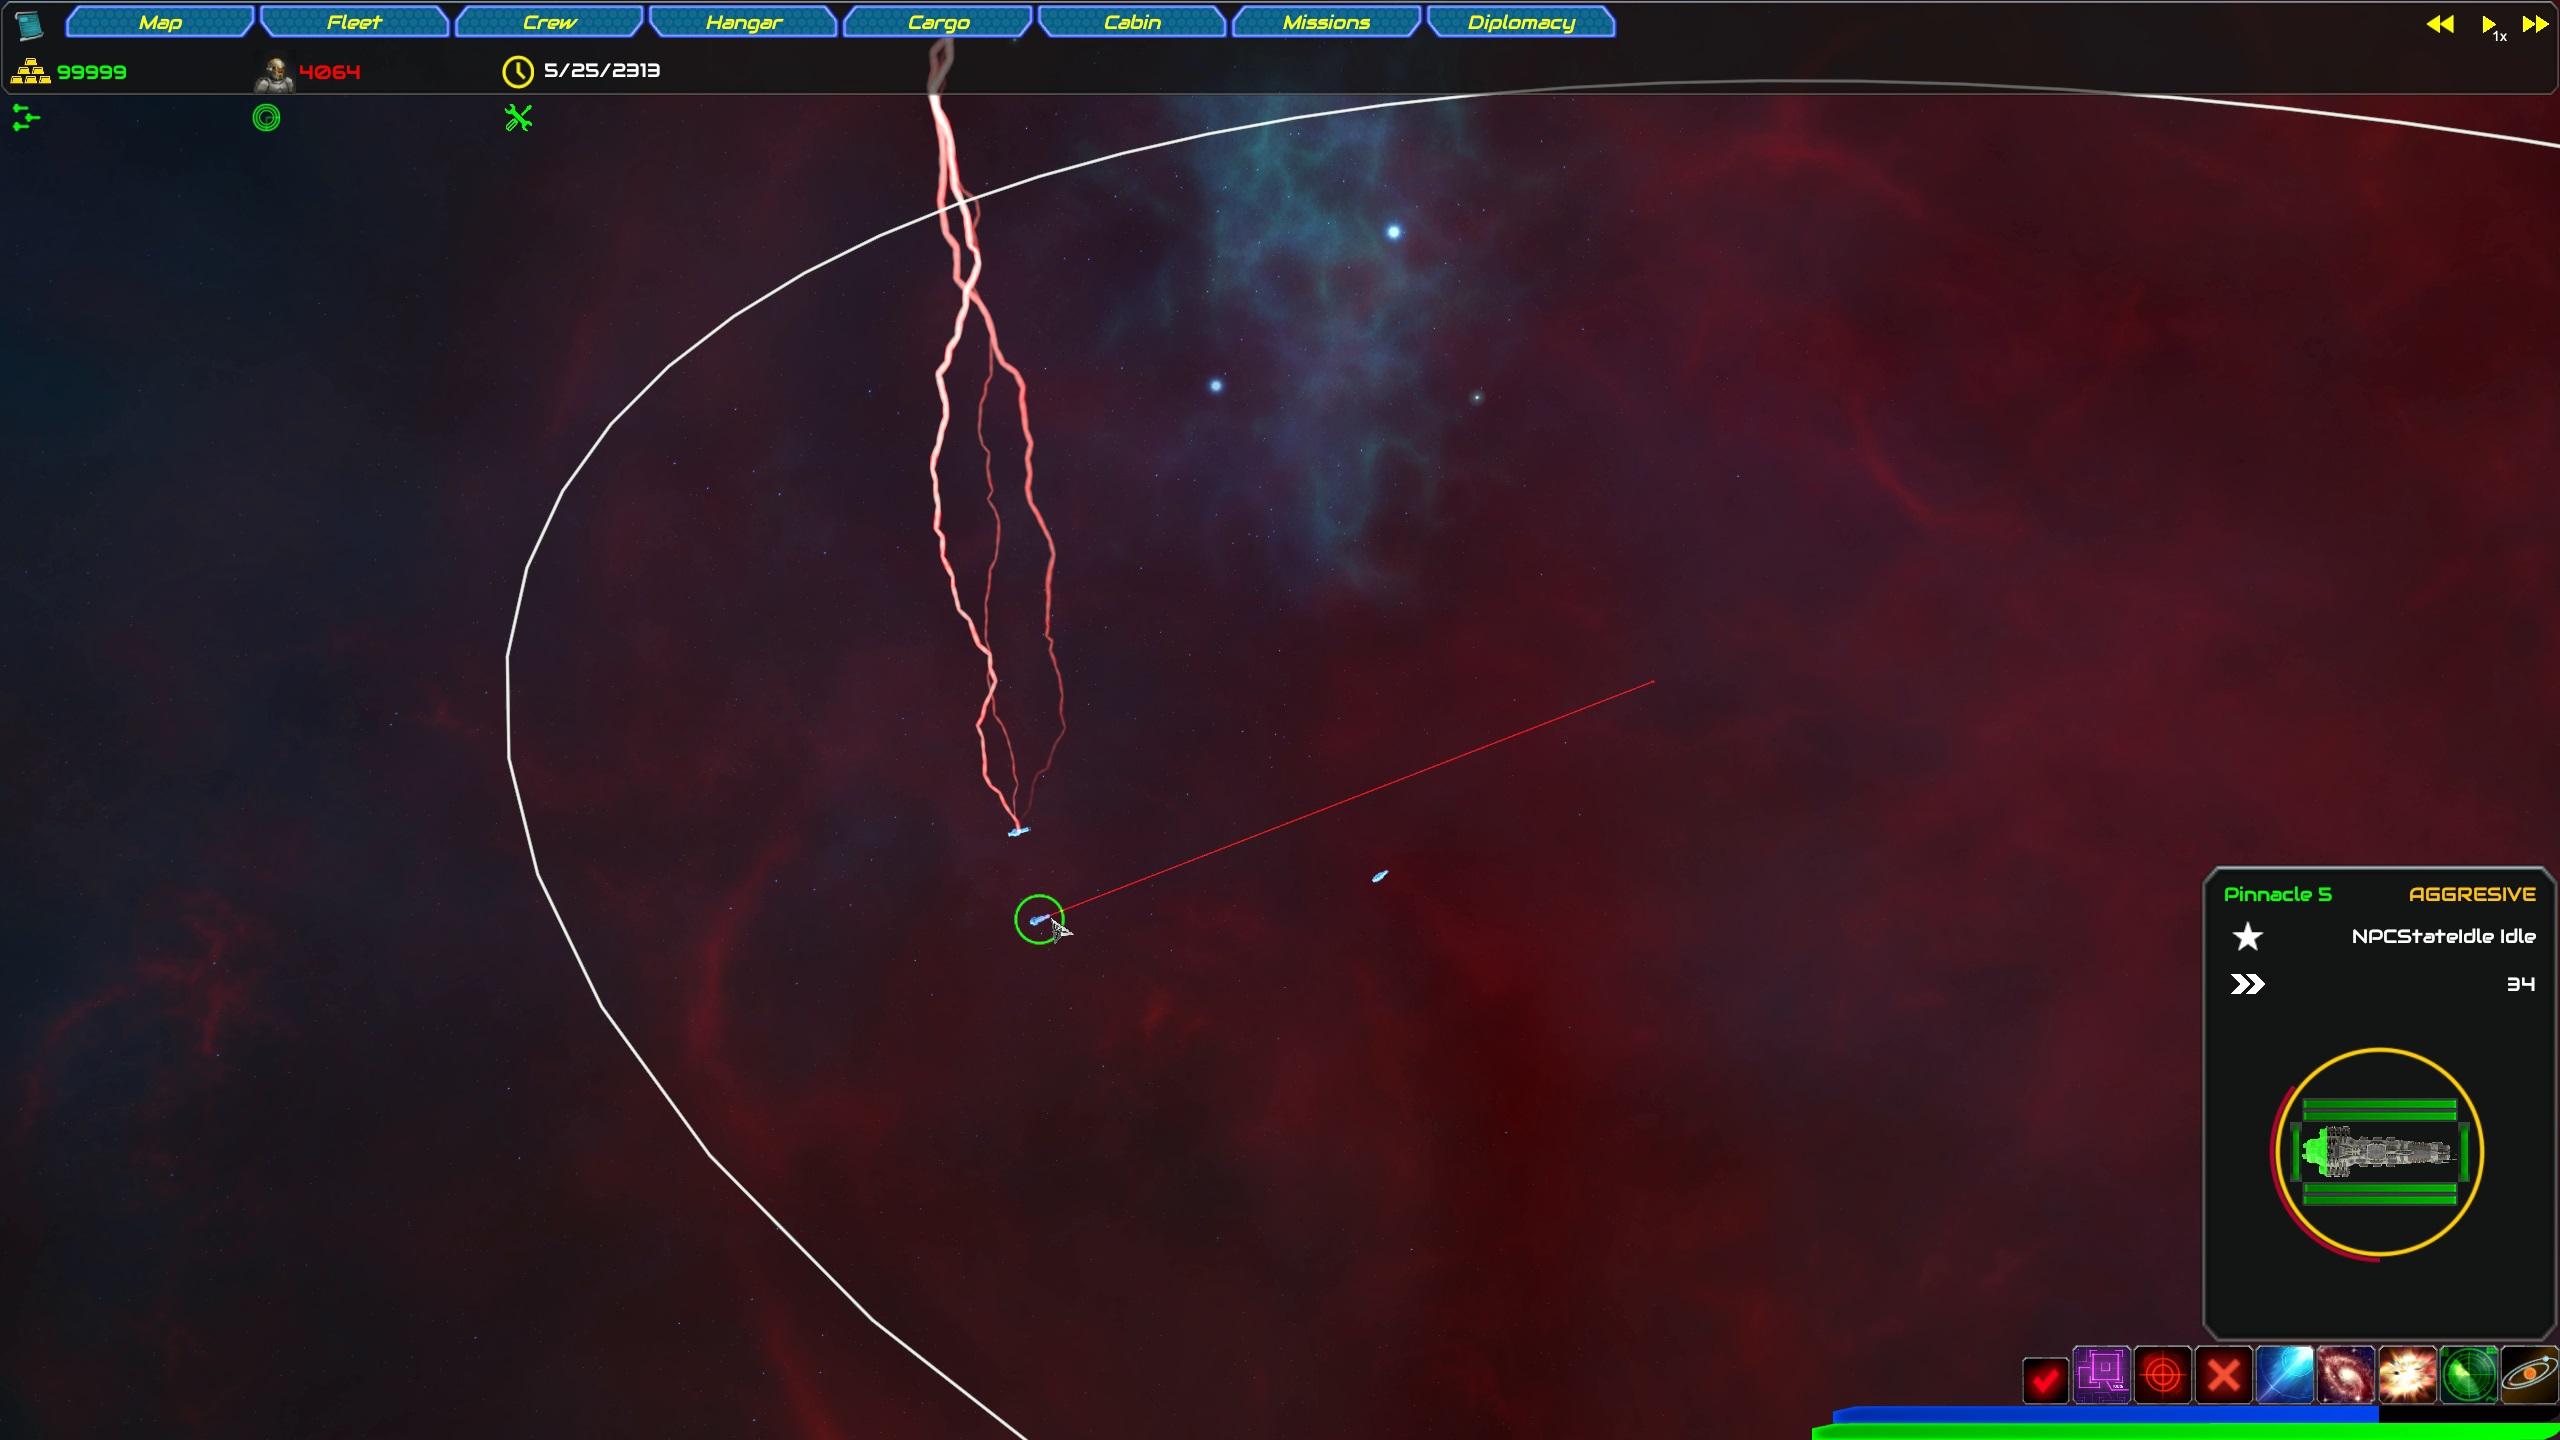 2 Nebula 1